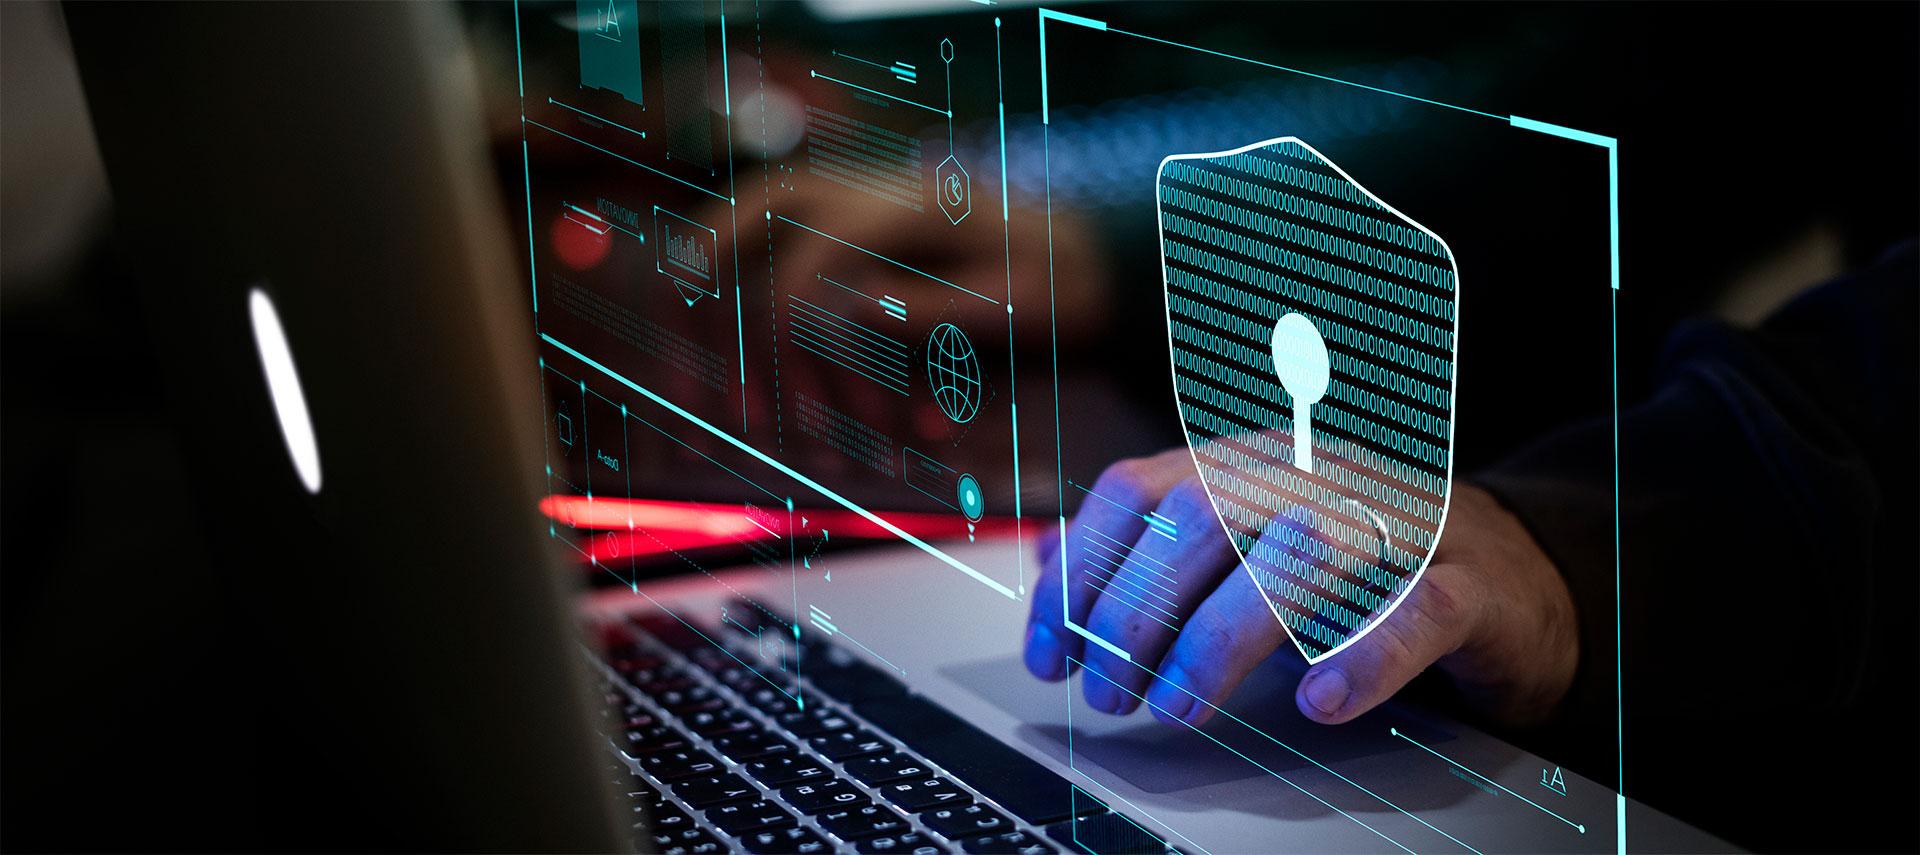 Un fallo grave en el sistema operativo Windows del que alerta hasta la NSA: cómo saber si afecta a tu ordenador